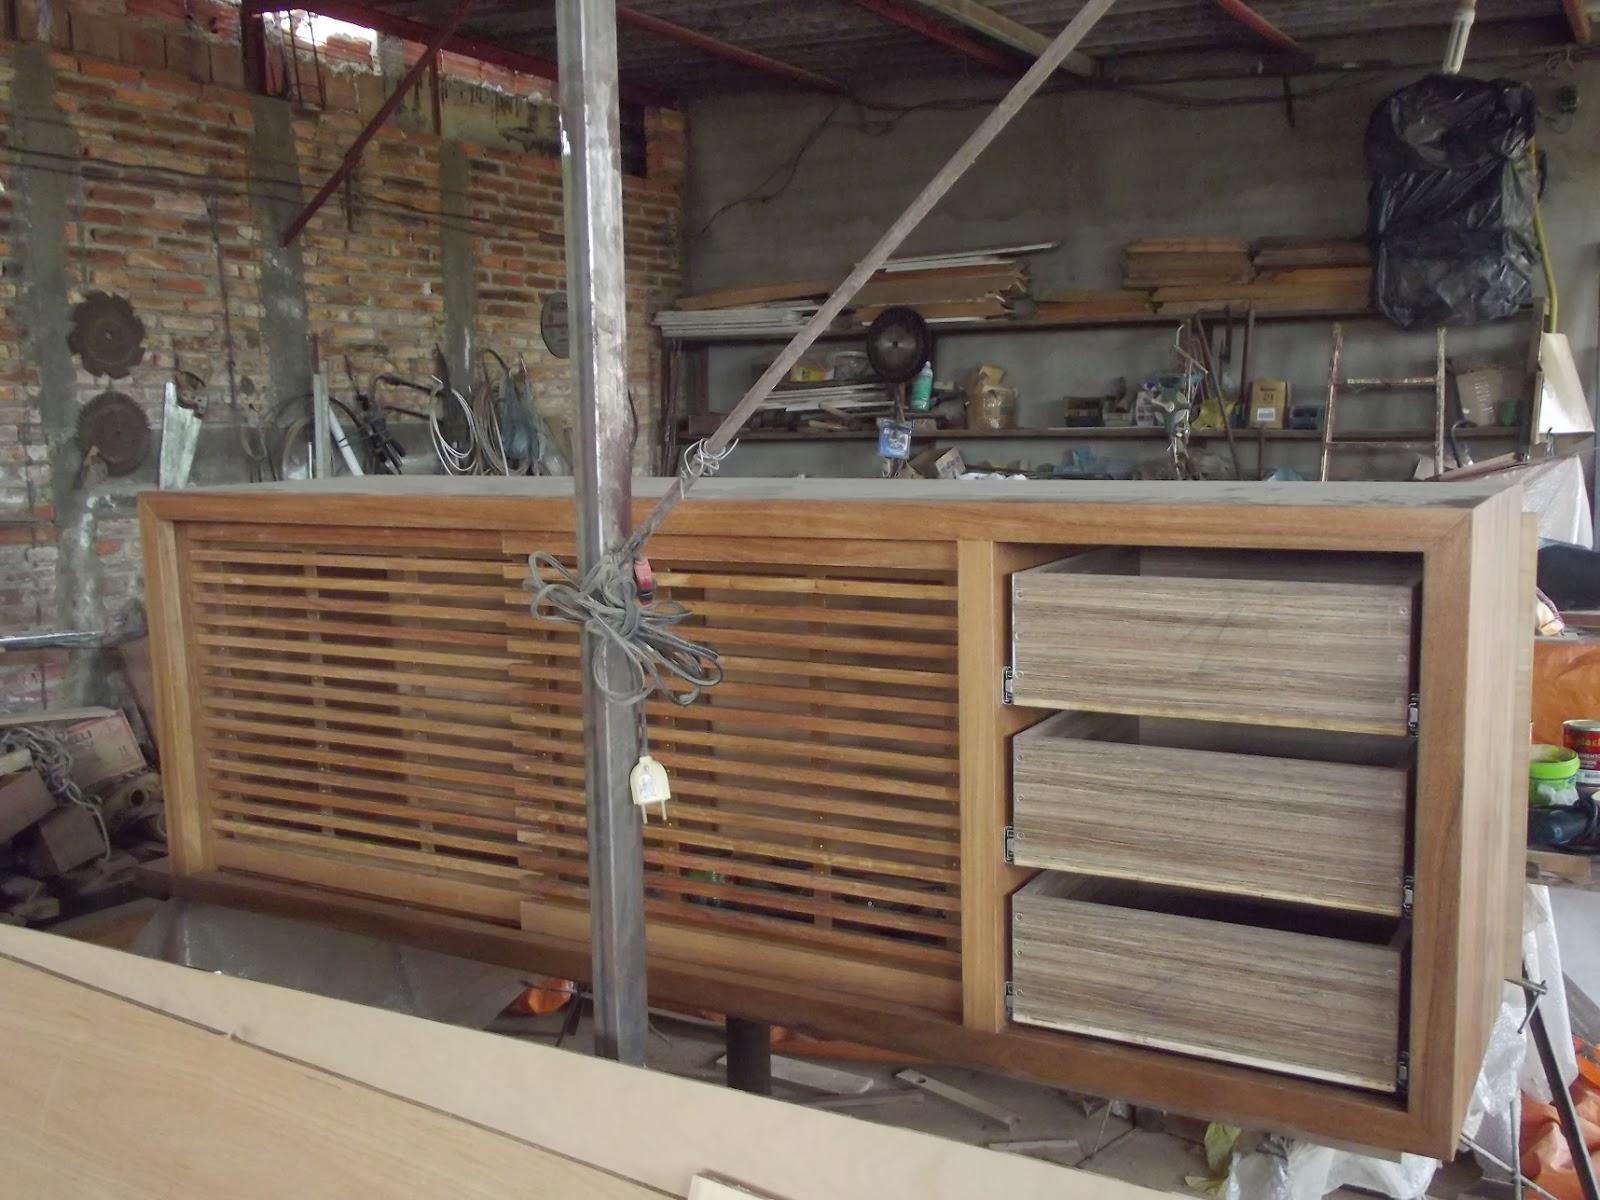 EM MADEIRA MACIÇA E MOVEIS SOB MEDIDA: Rack e painel em madeira  #945E37 1600x1200